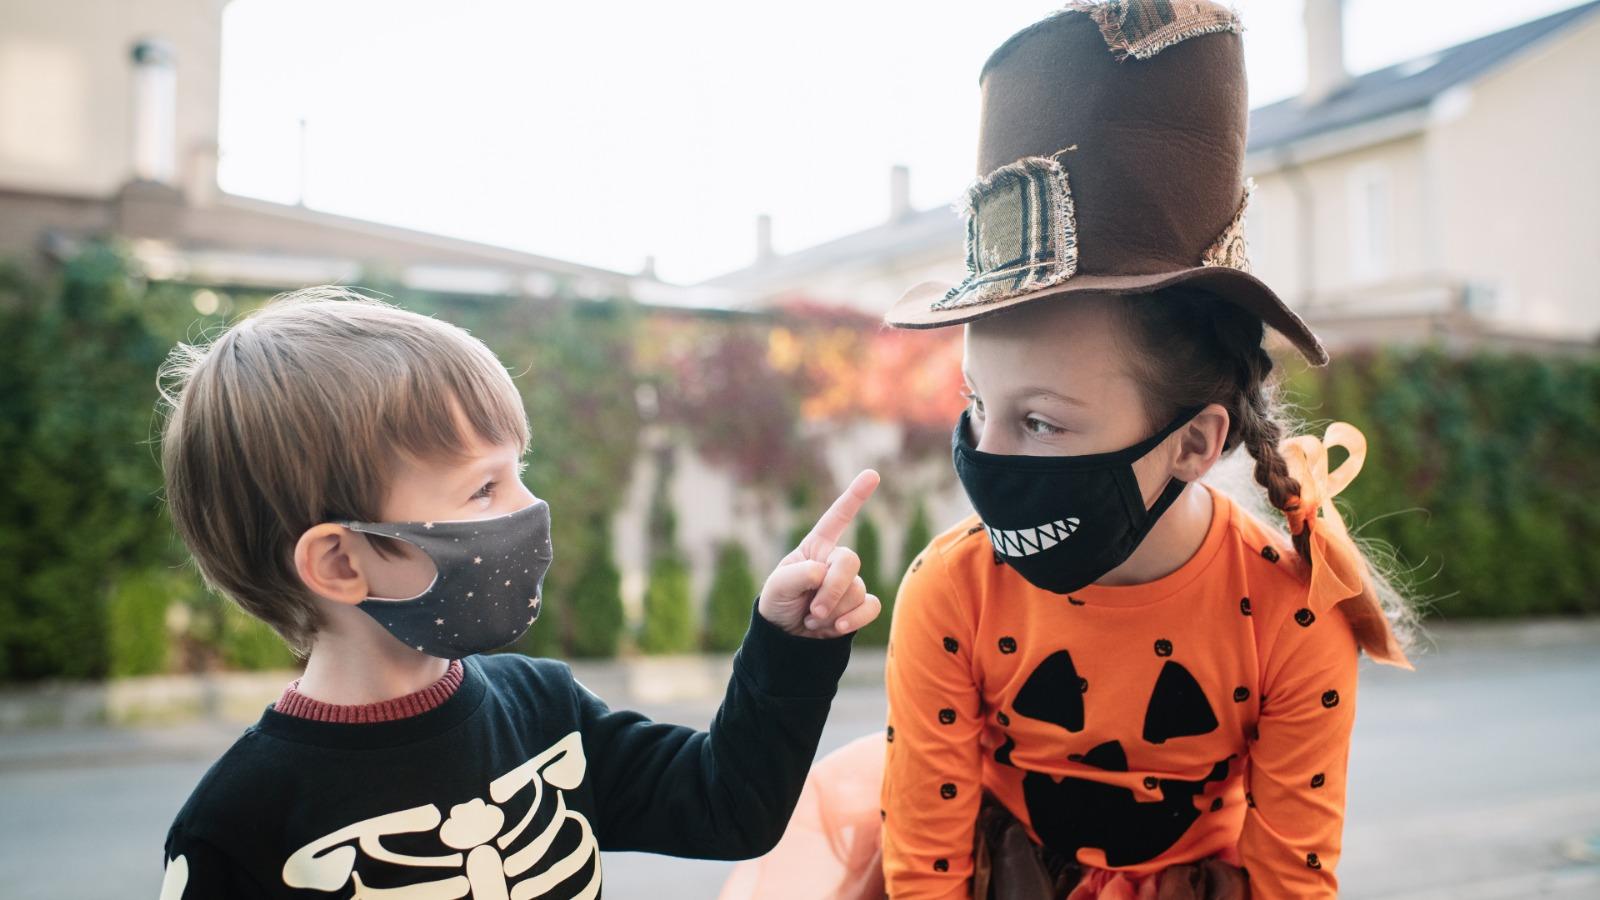 Ecco perché festeggiare Halloween anche durante la pandemia